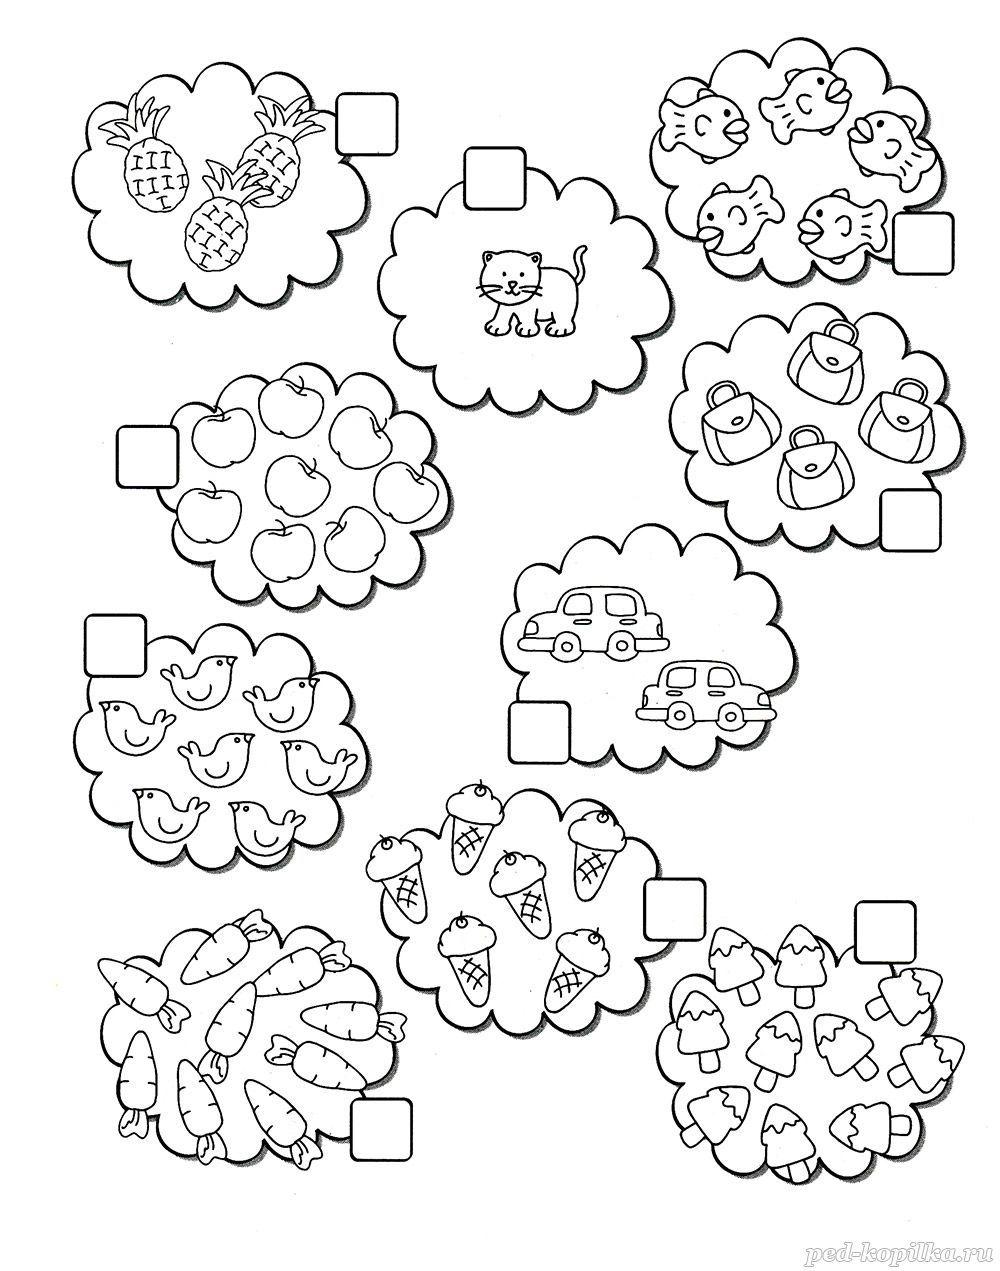 задачи по математике для 5-6 лет